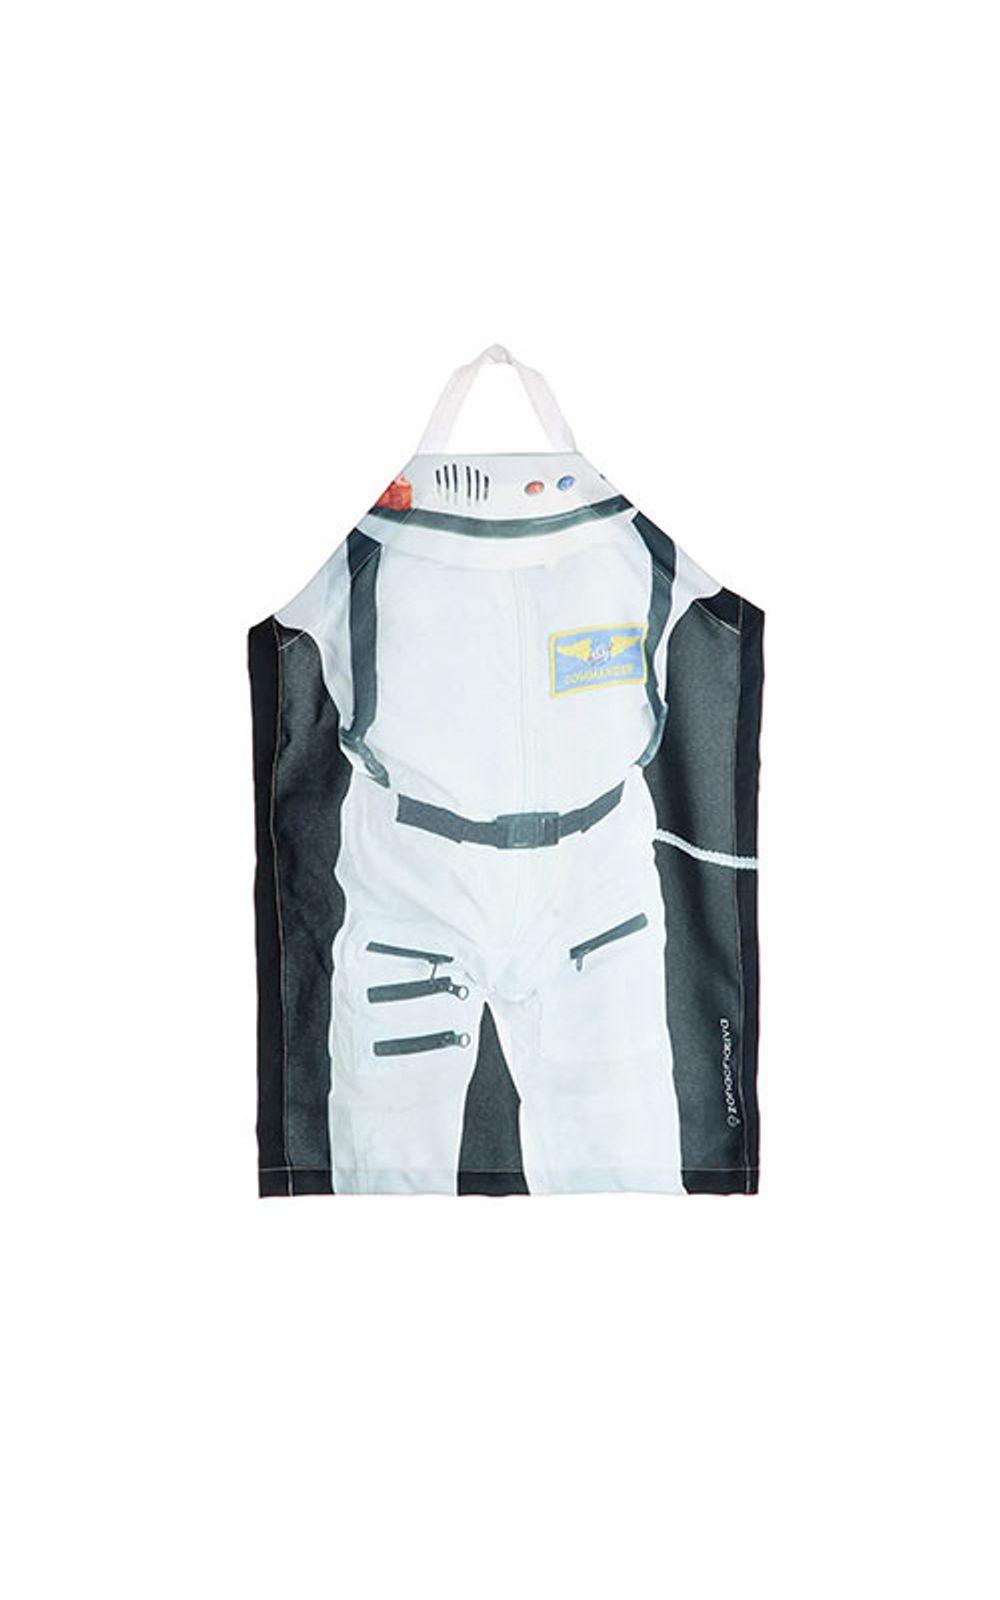 Foto 2 - Avental de Cozinha Infantil Astronauta